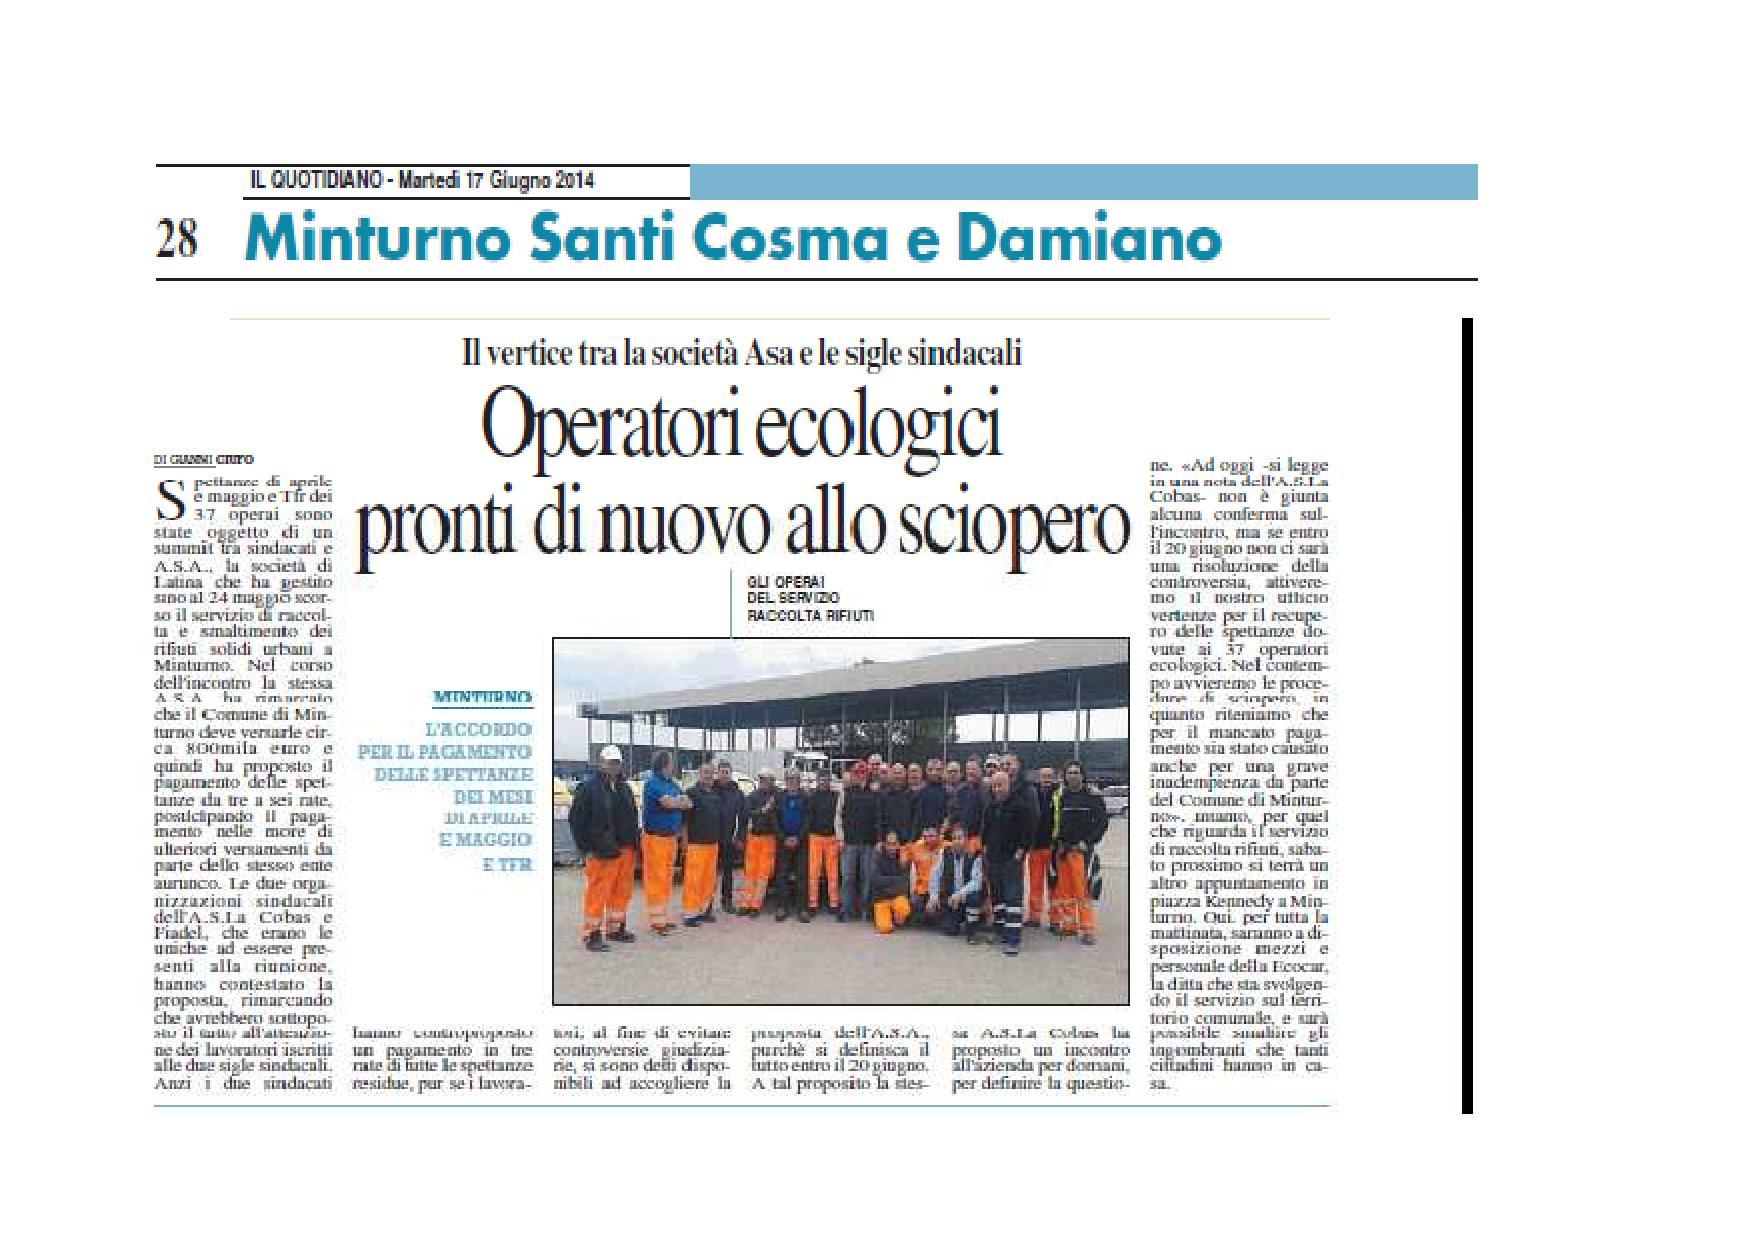 MINTURNO, OPERATORI ECOLOGICI PRONTI DI NUOVO ALLO SCIOPERO-page-001